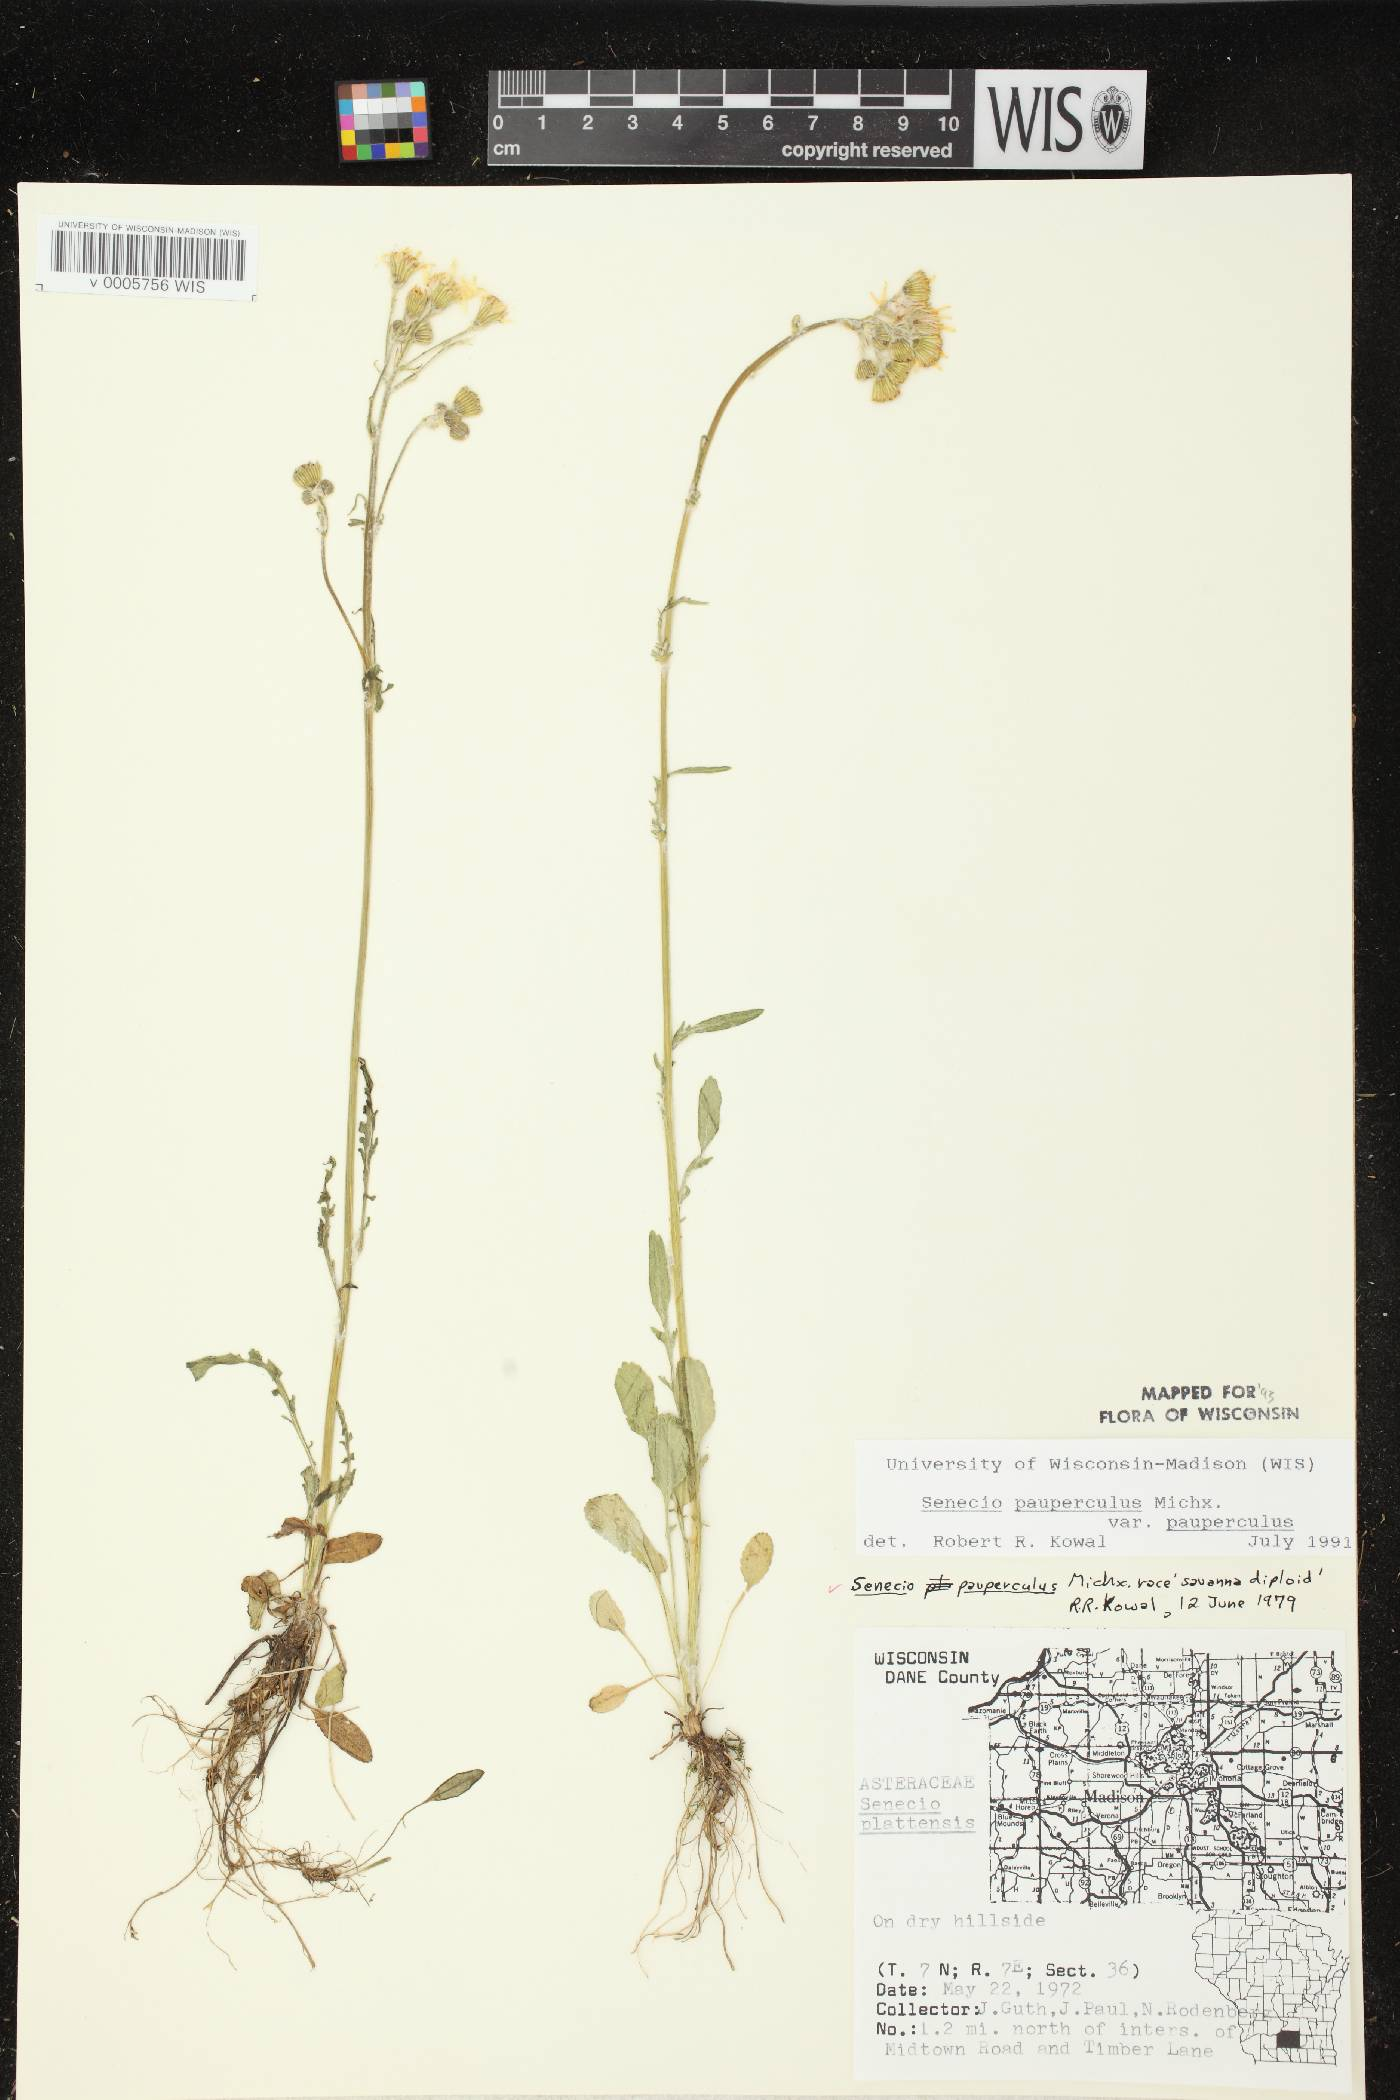 Packera paupercula var. paupercula image